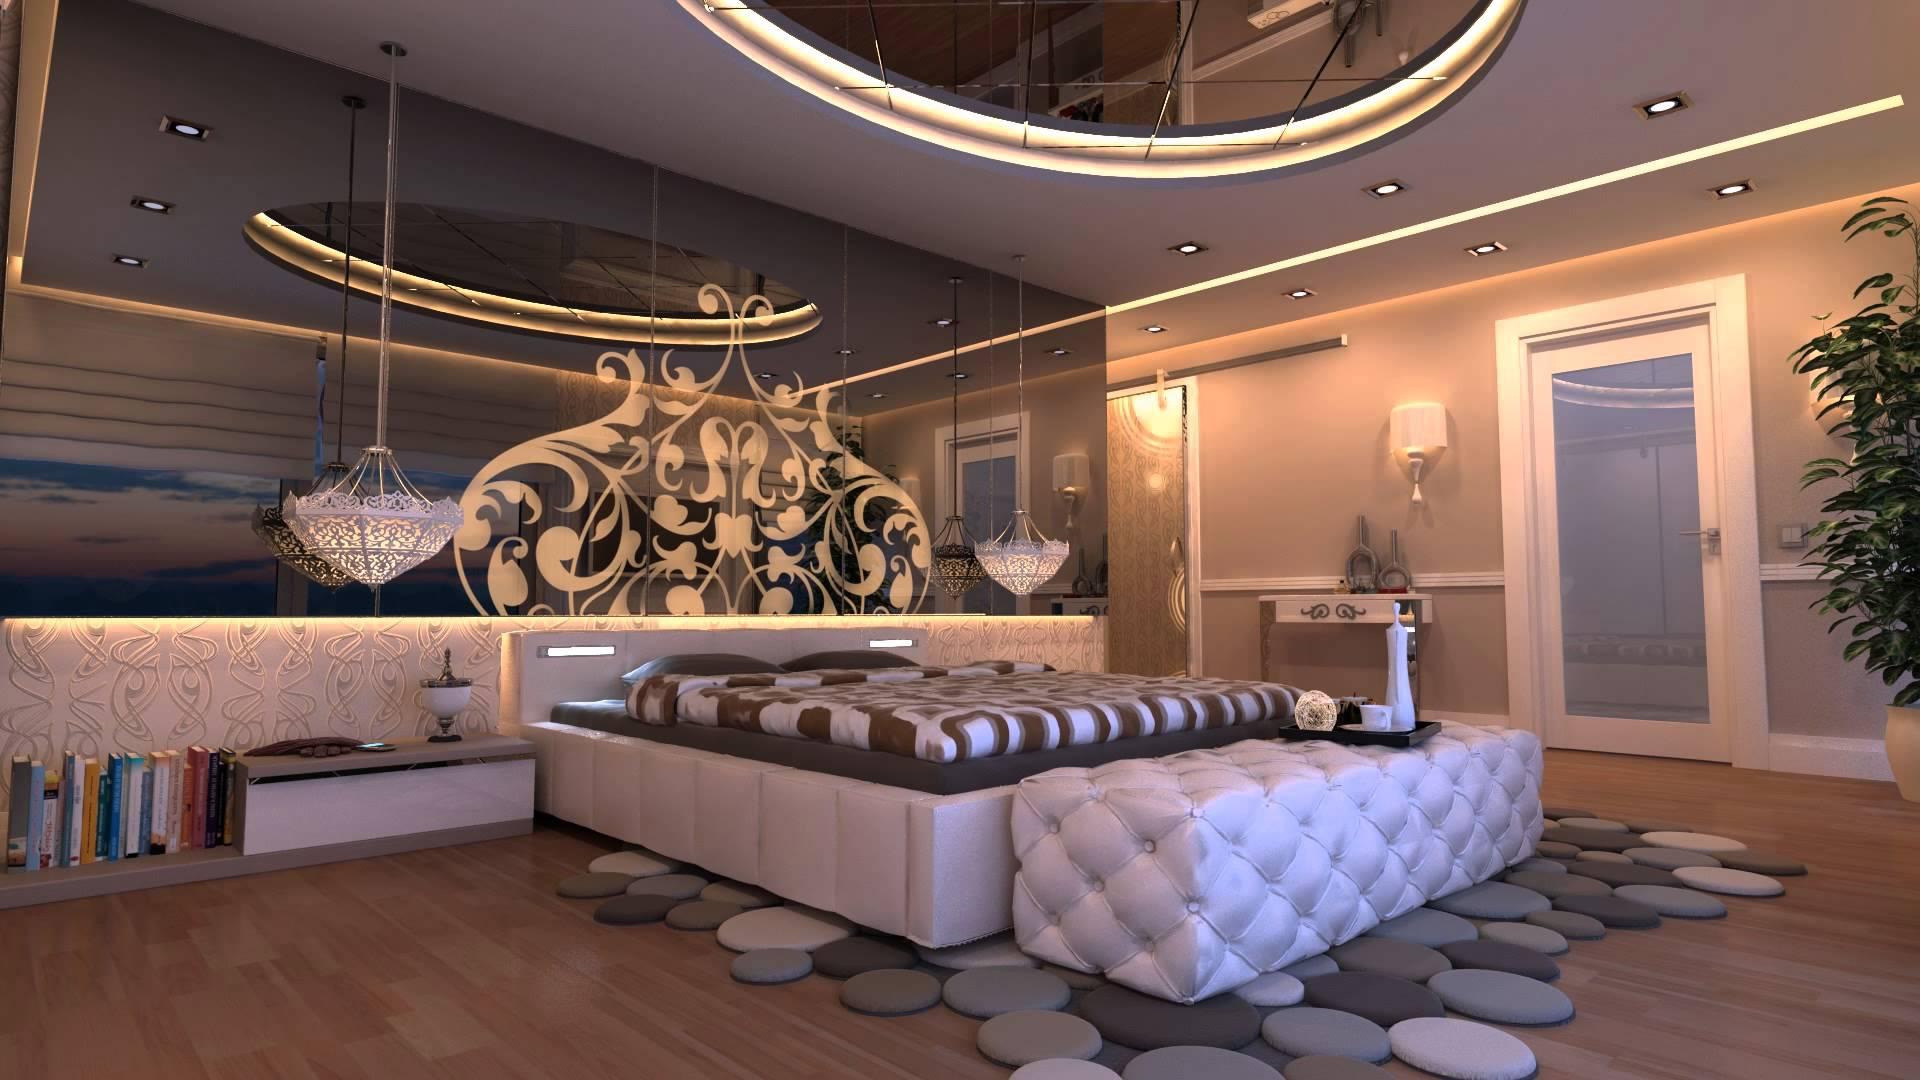 صورة غرف نوم عرسان , افخم غرف نوم للعرسان